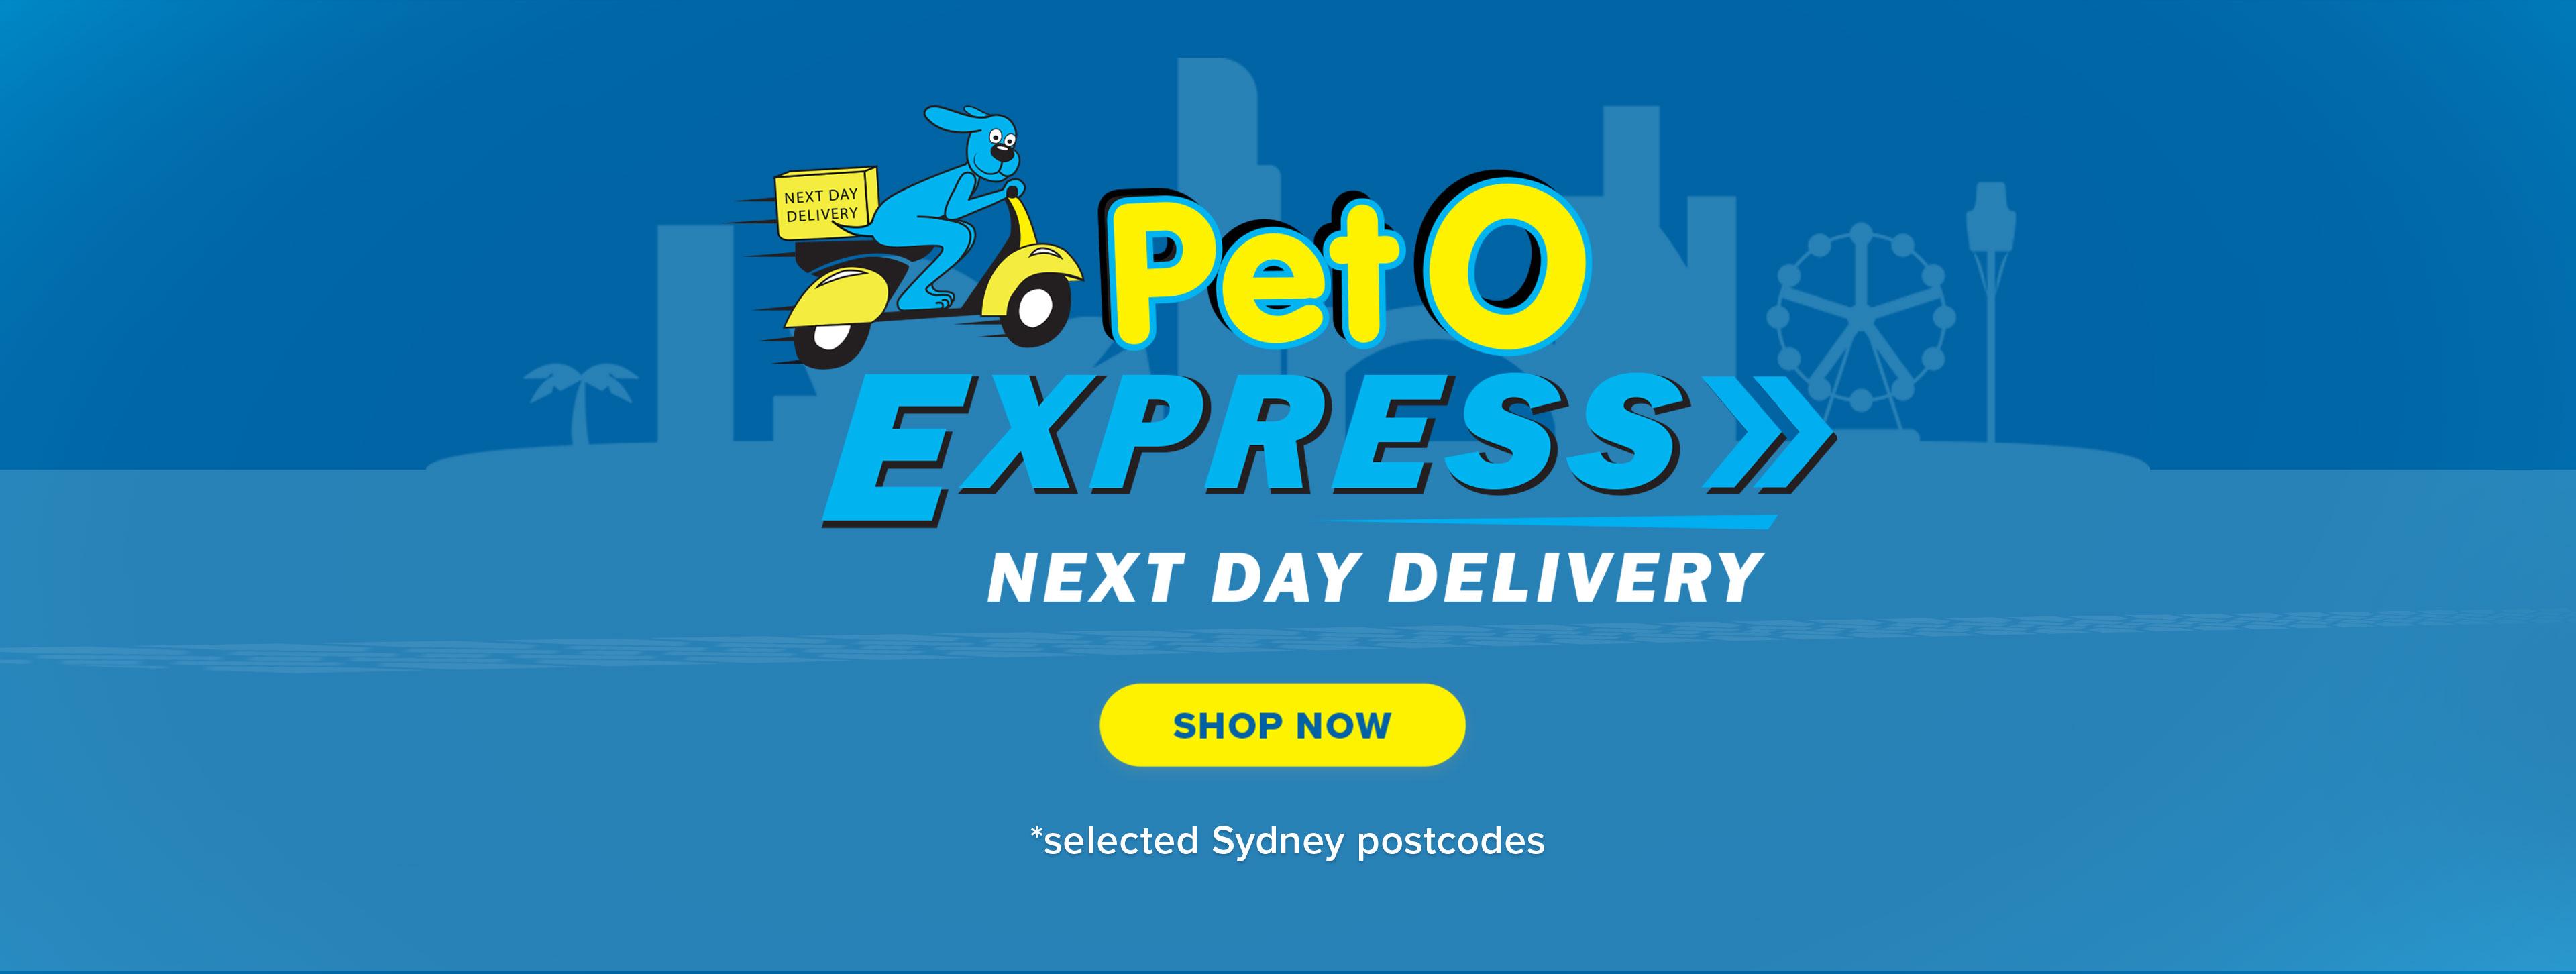 PetO Express